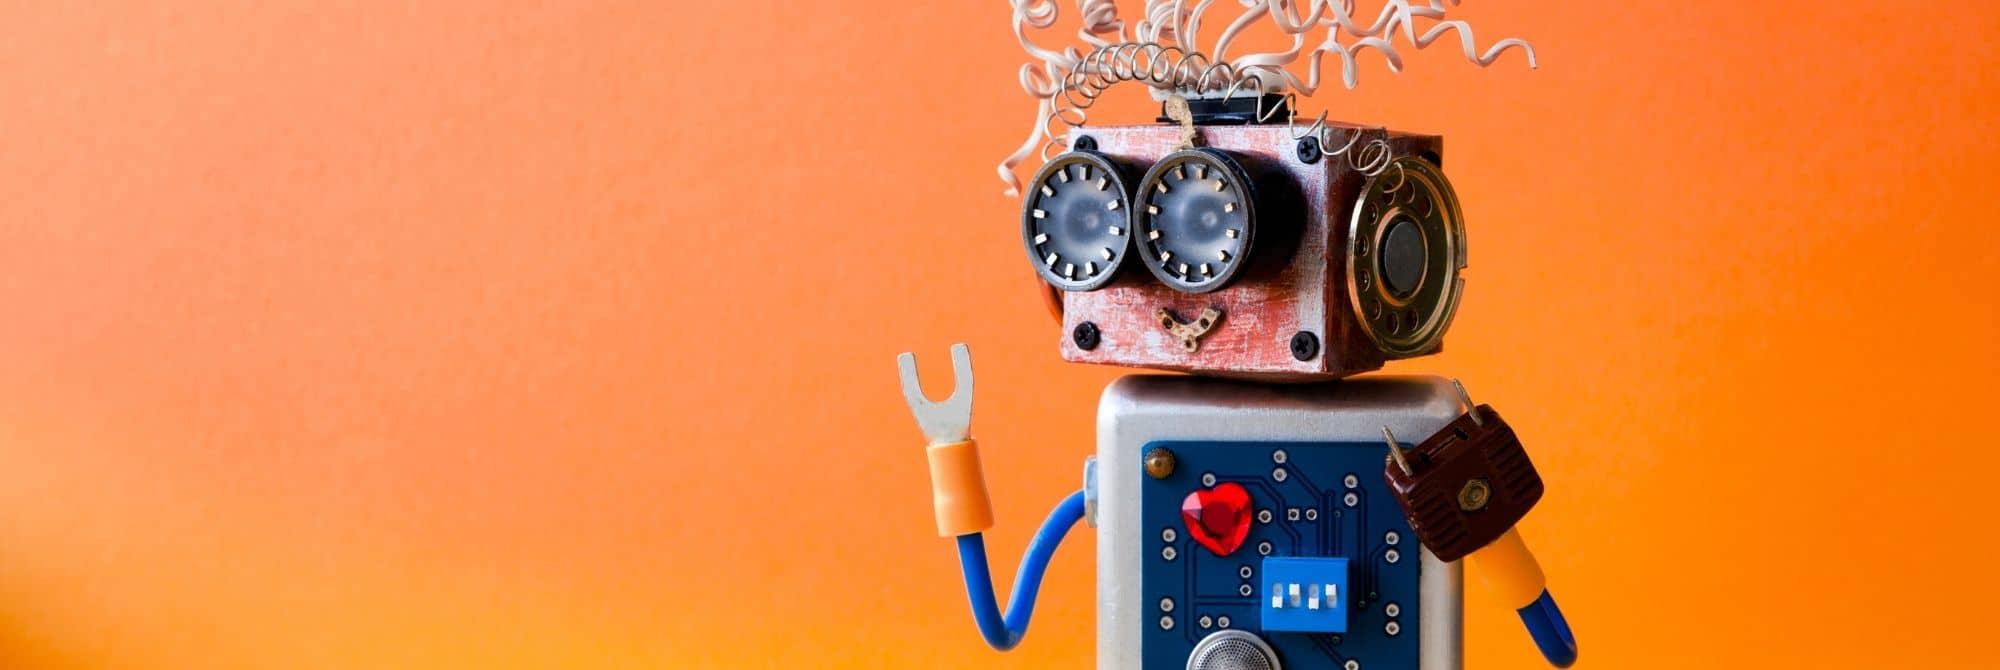 דיגיטל בוסט רובוט לאינסטגרם כבר יש לכם